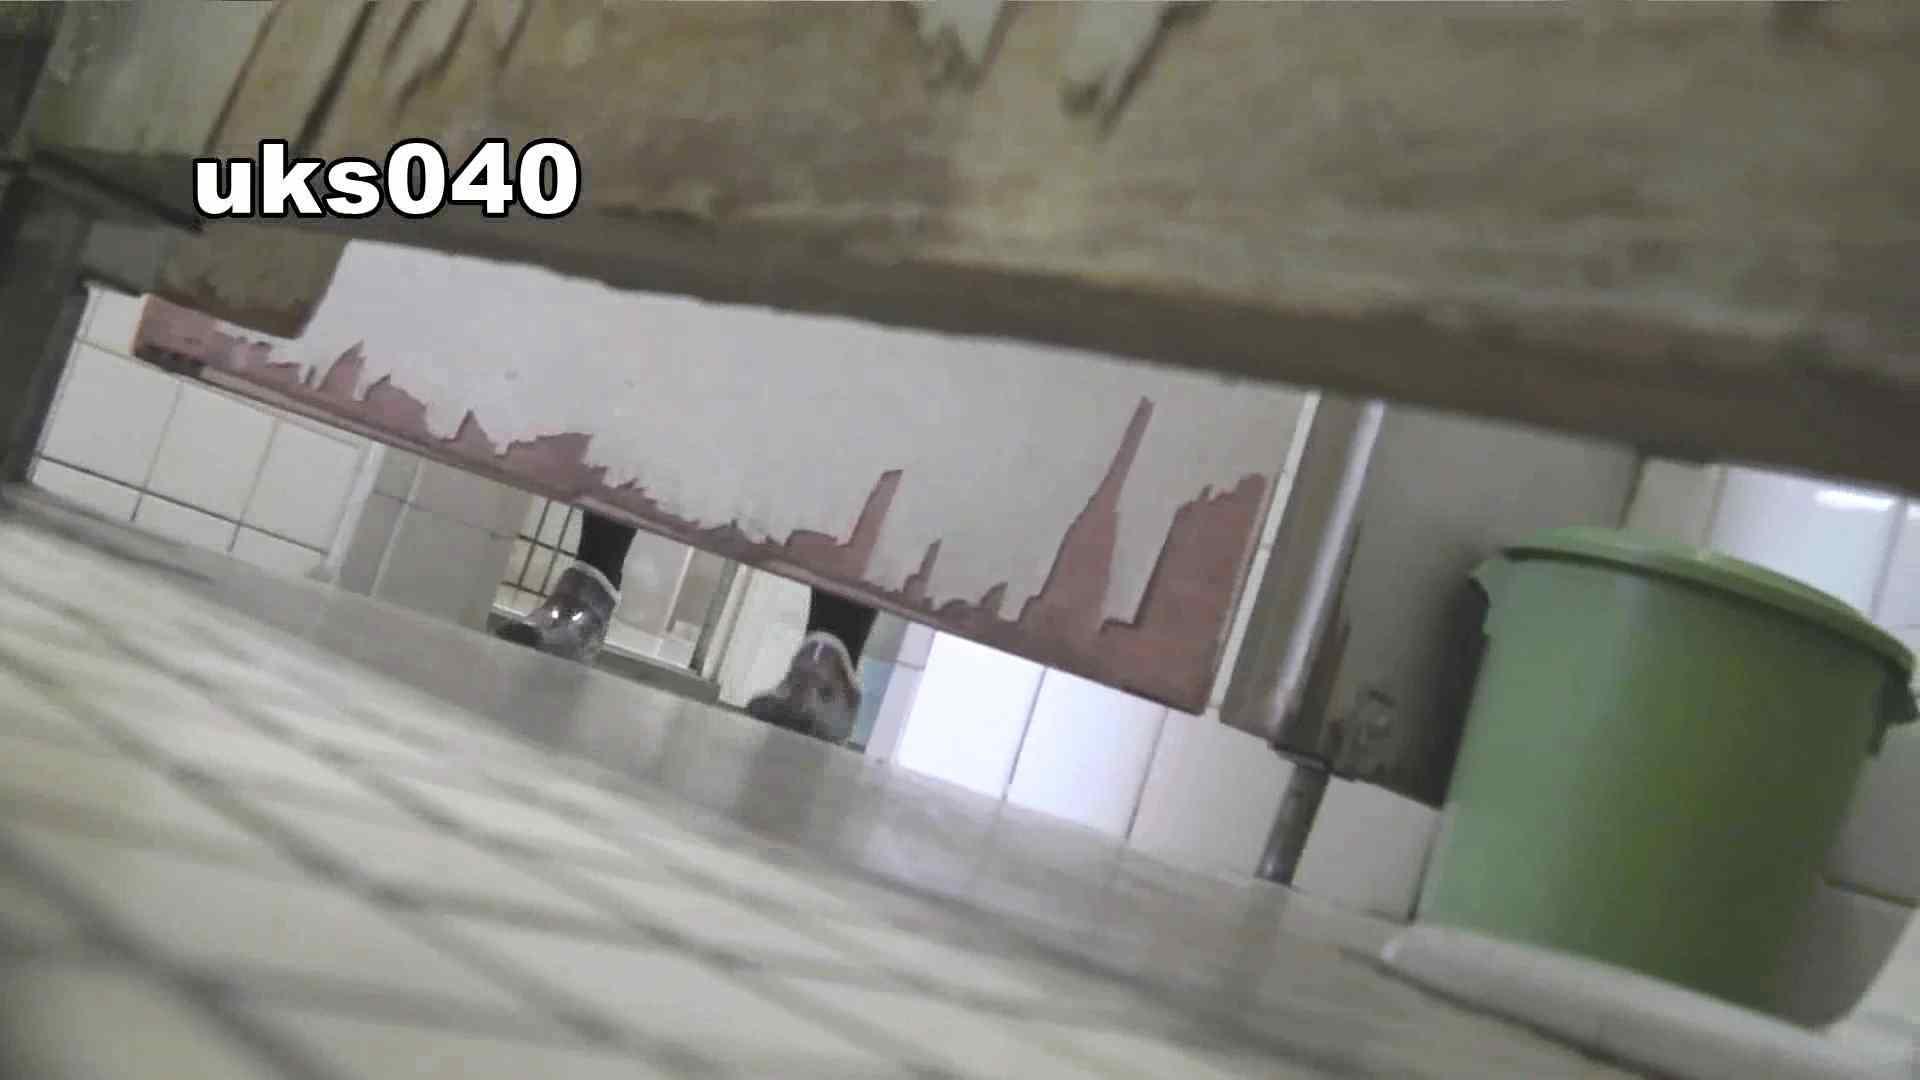 【美しき個室な世界】 vol.040 出て行かれる時の清楚姿撮り 高評価   高画質  112枚 112